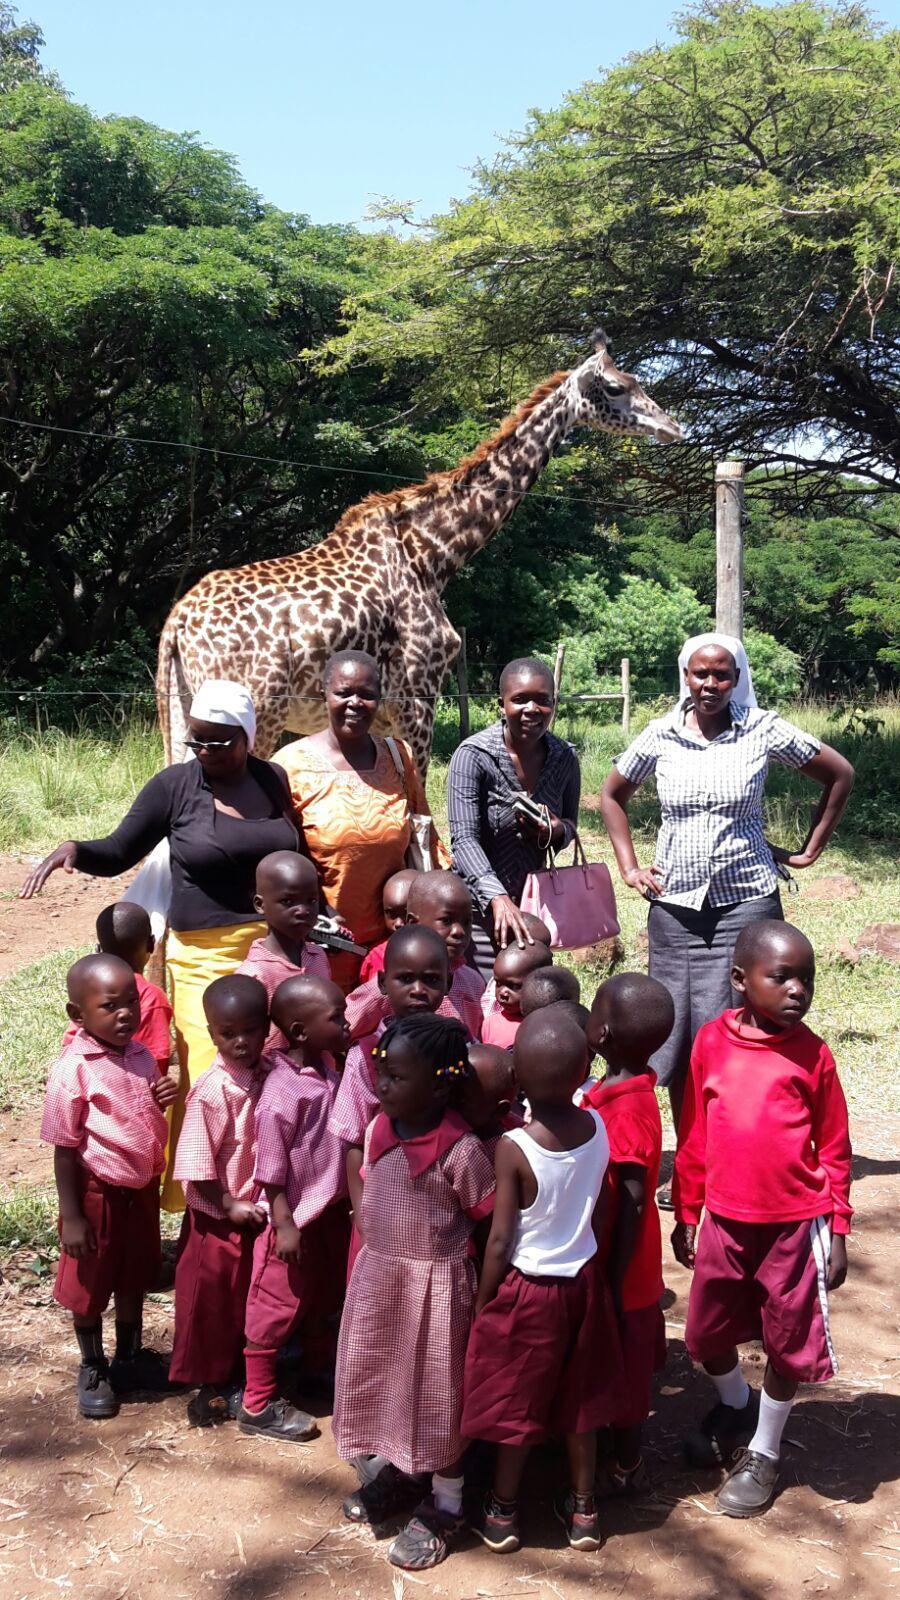 Dentists For Africa - Giraffe